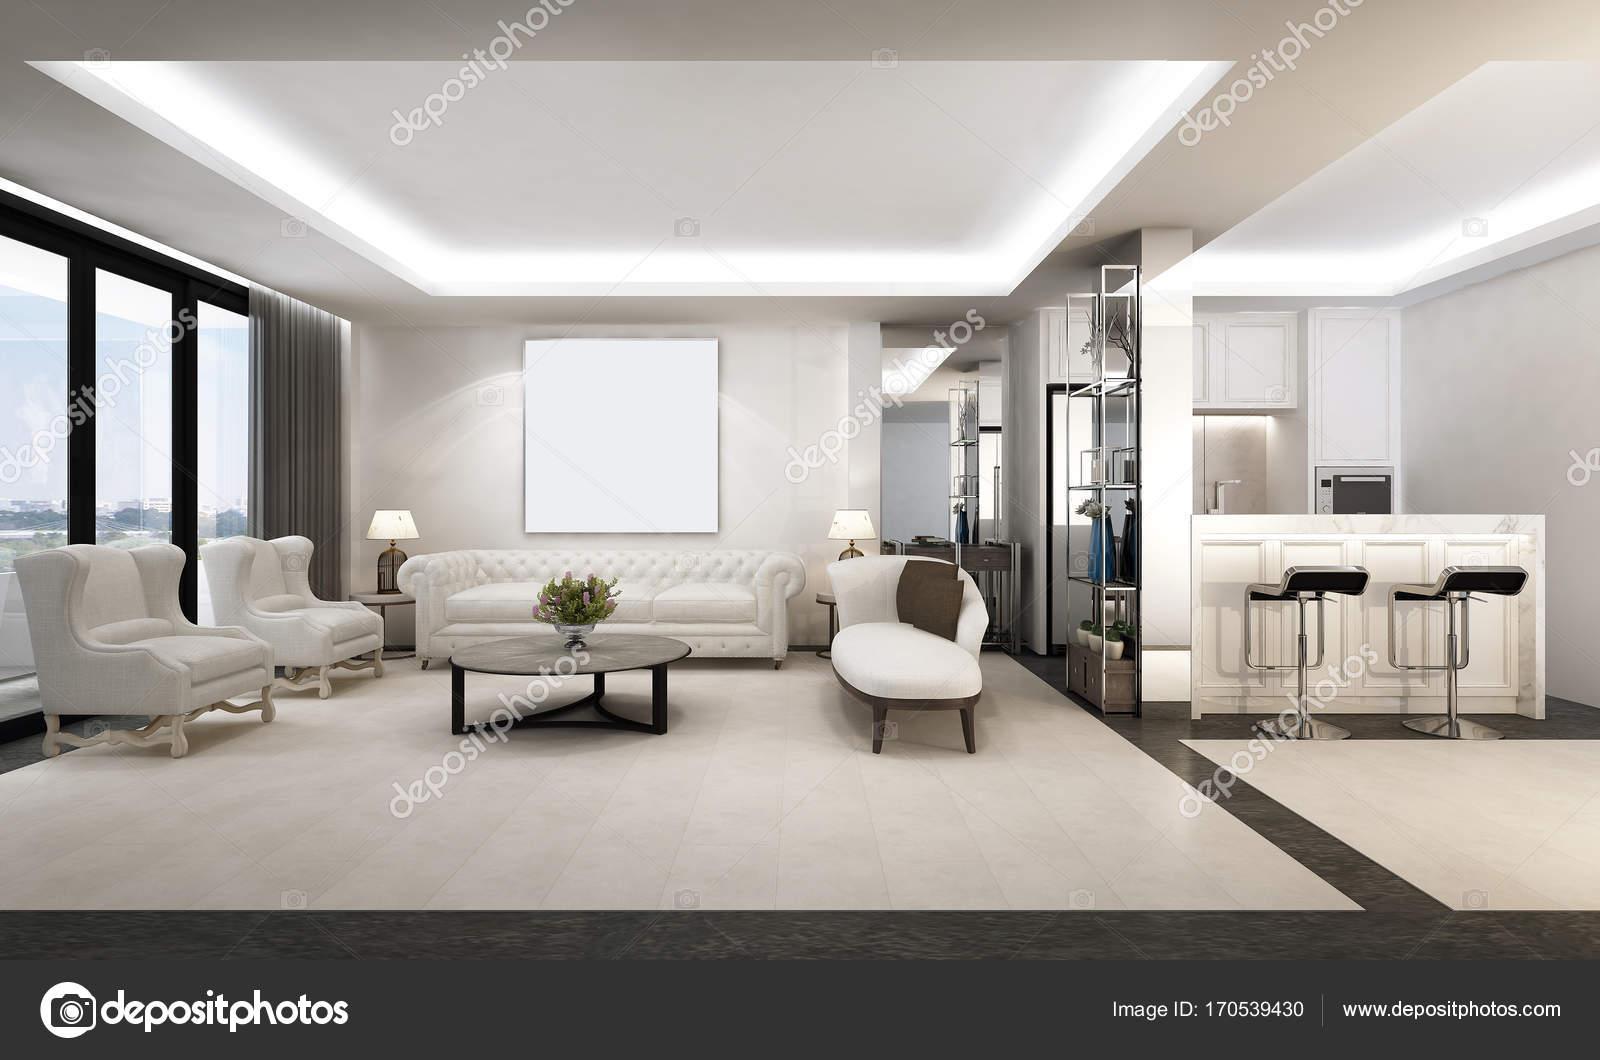 Die Luxus-Lounge und Wohnzimmer Interior Design und Pantry-Bereich ...